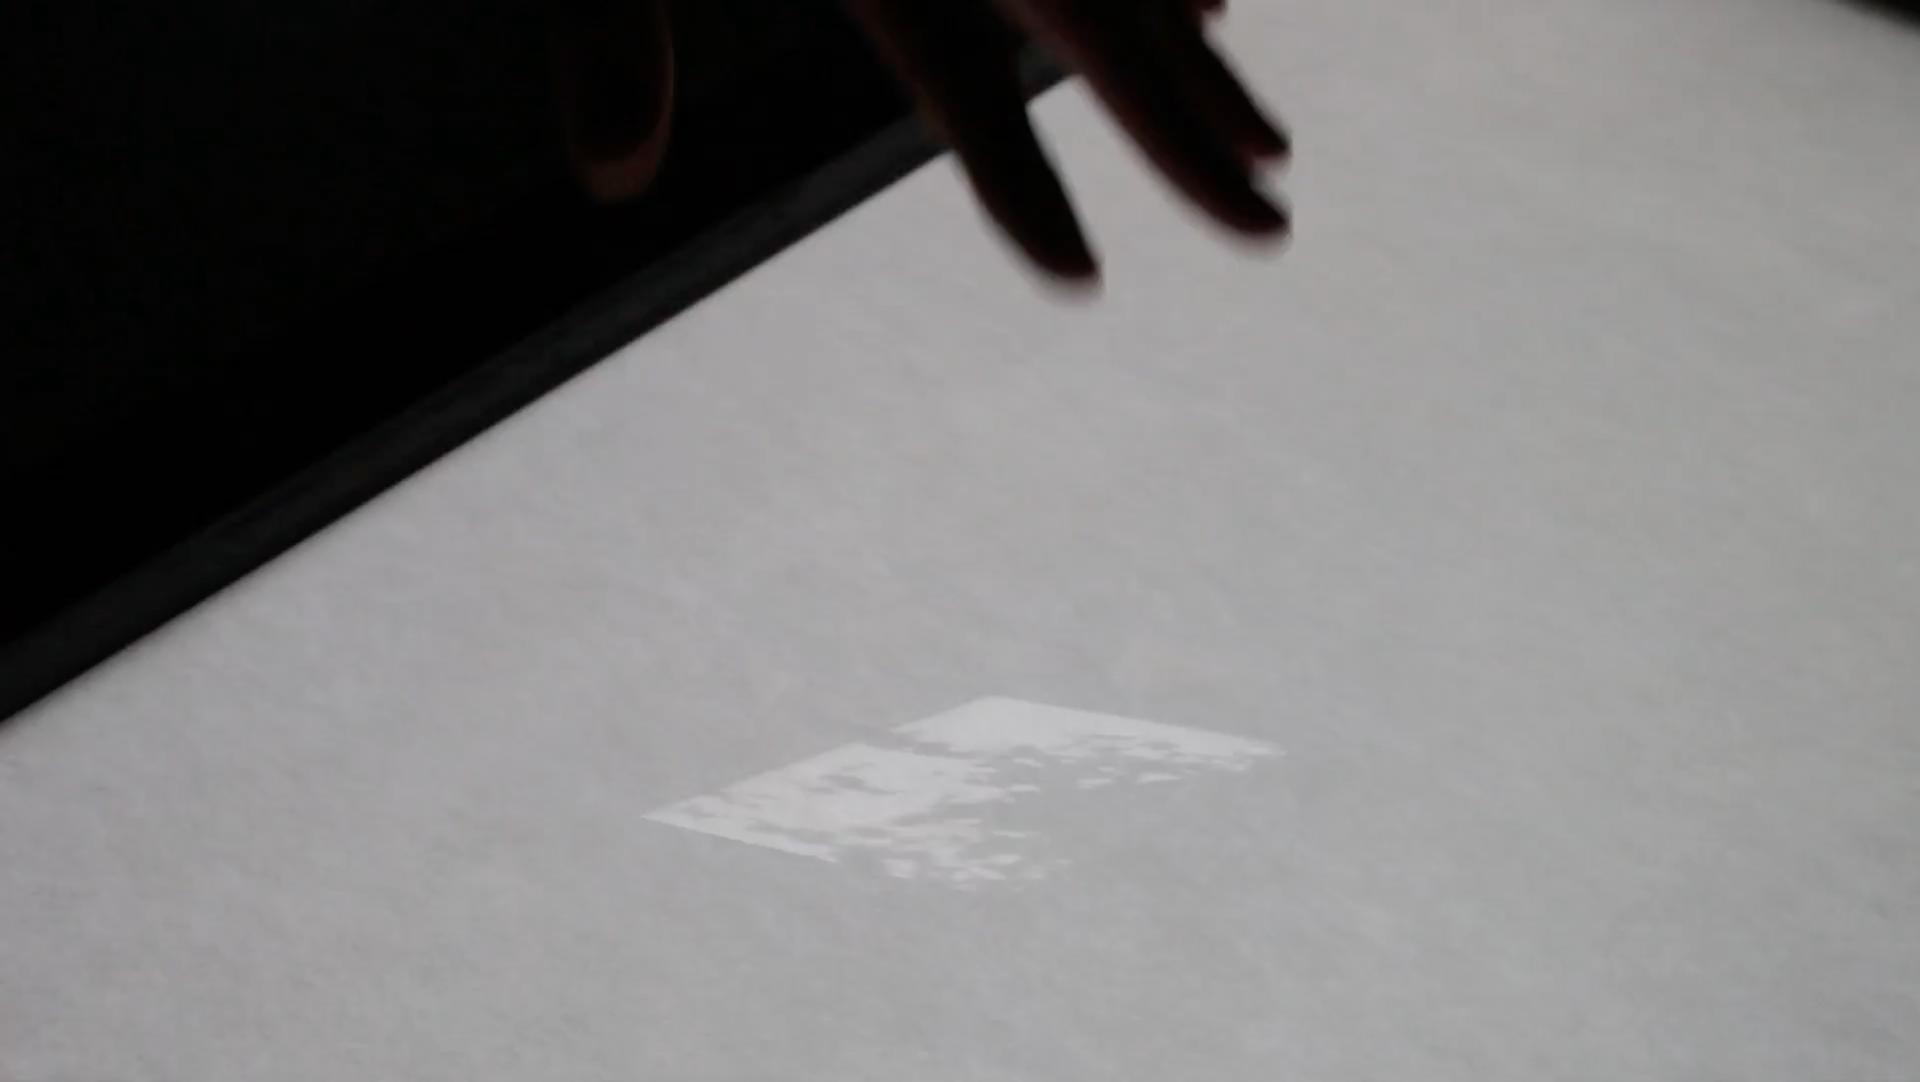 Ink-under-paper-short, Chevalvert